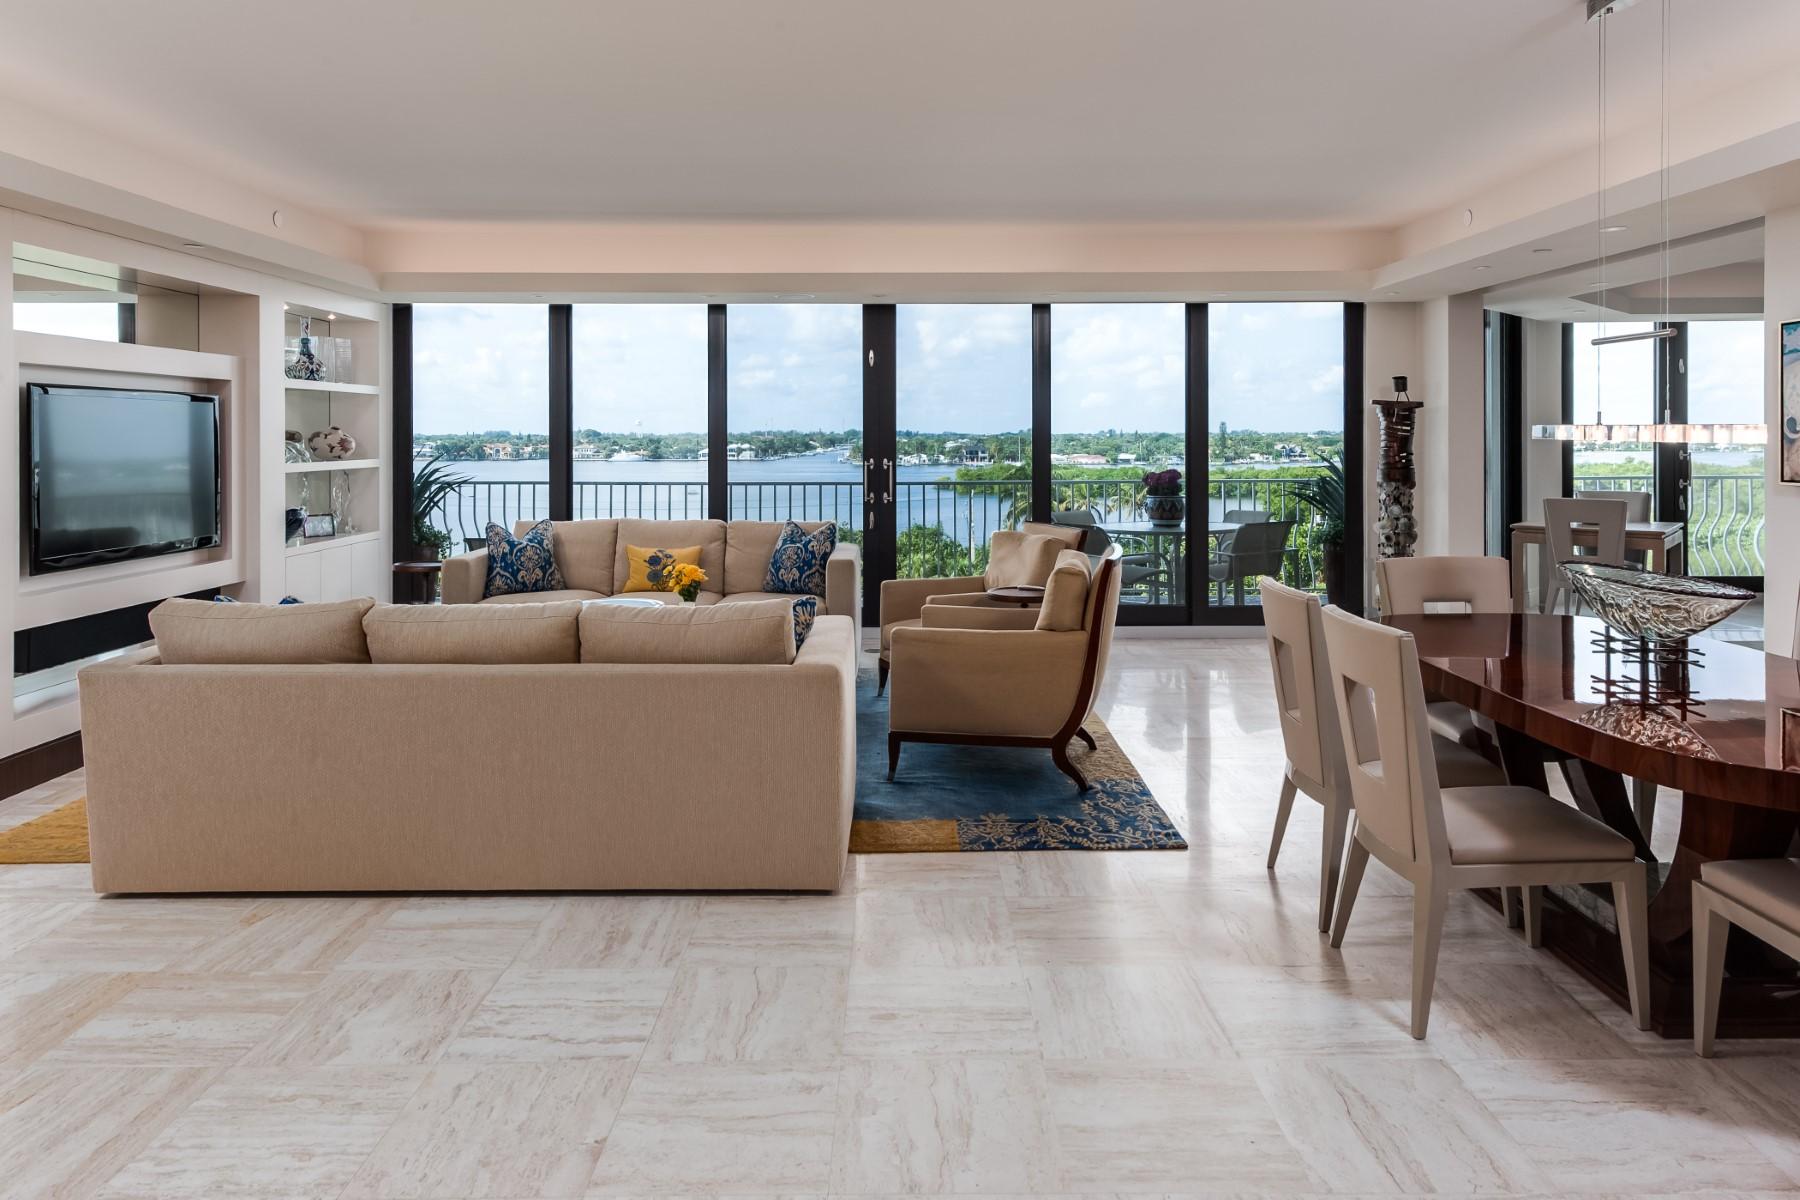 共管式独立产权公寓 为 销售 在 Spectacular Sunsets 2000 S Ocean Blvd Apt 405n Palm Beach, 佛罗里达州 33480 美国